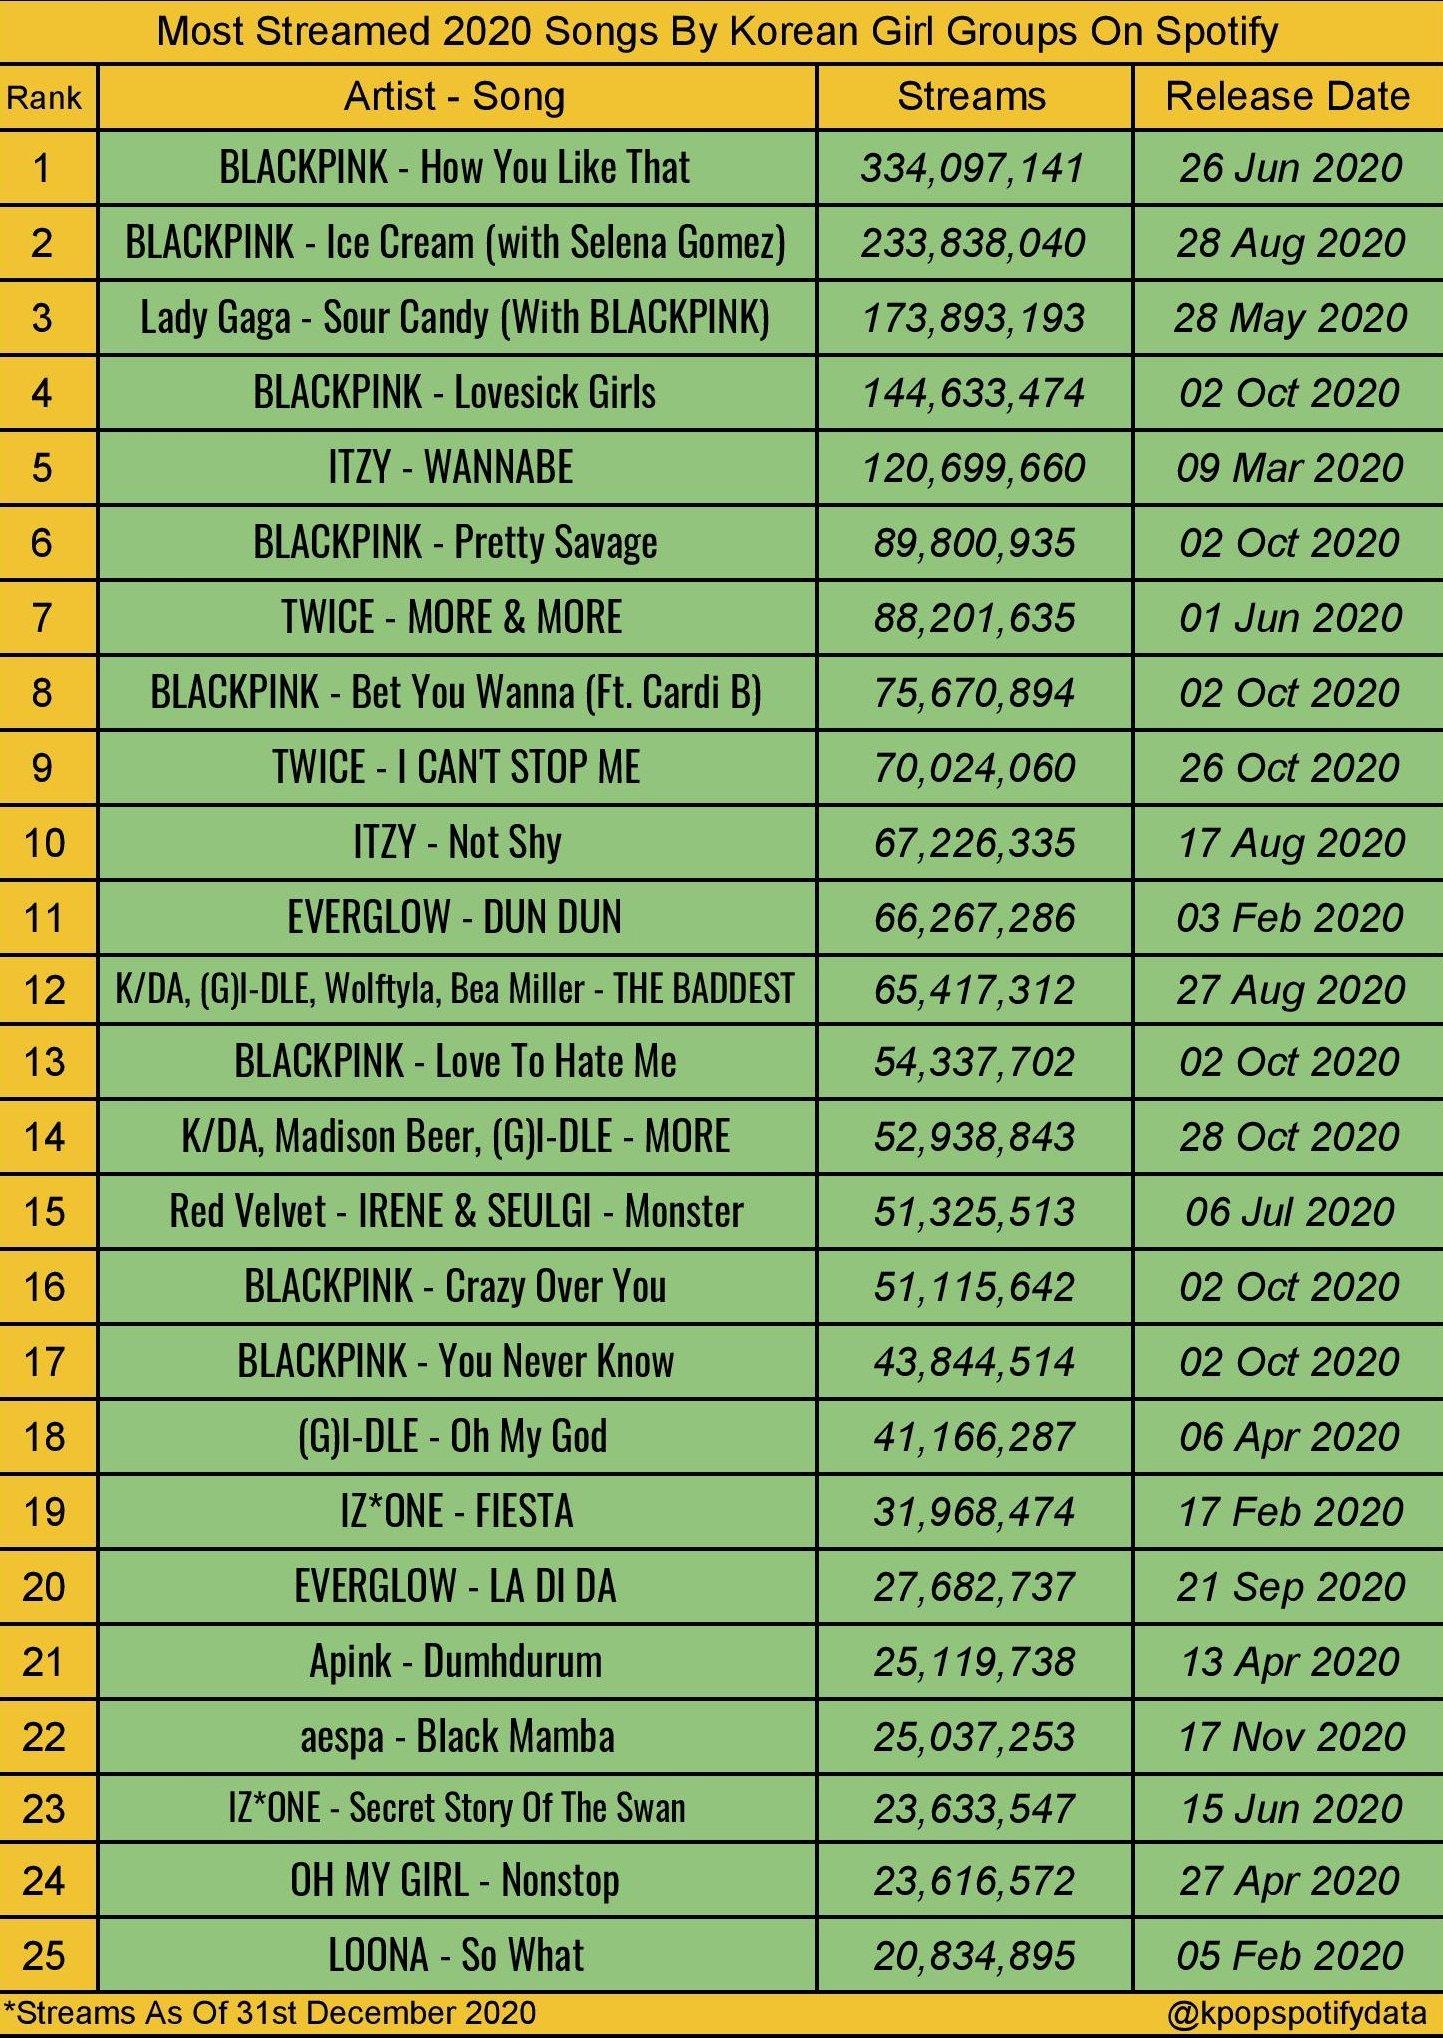 [정보/소식] 스포티파이에서 2020년 가장 많이 스밍된 여돌곡 TOP25 | 인스티즈